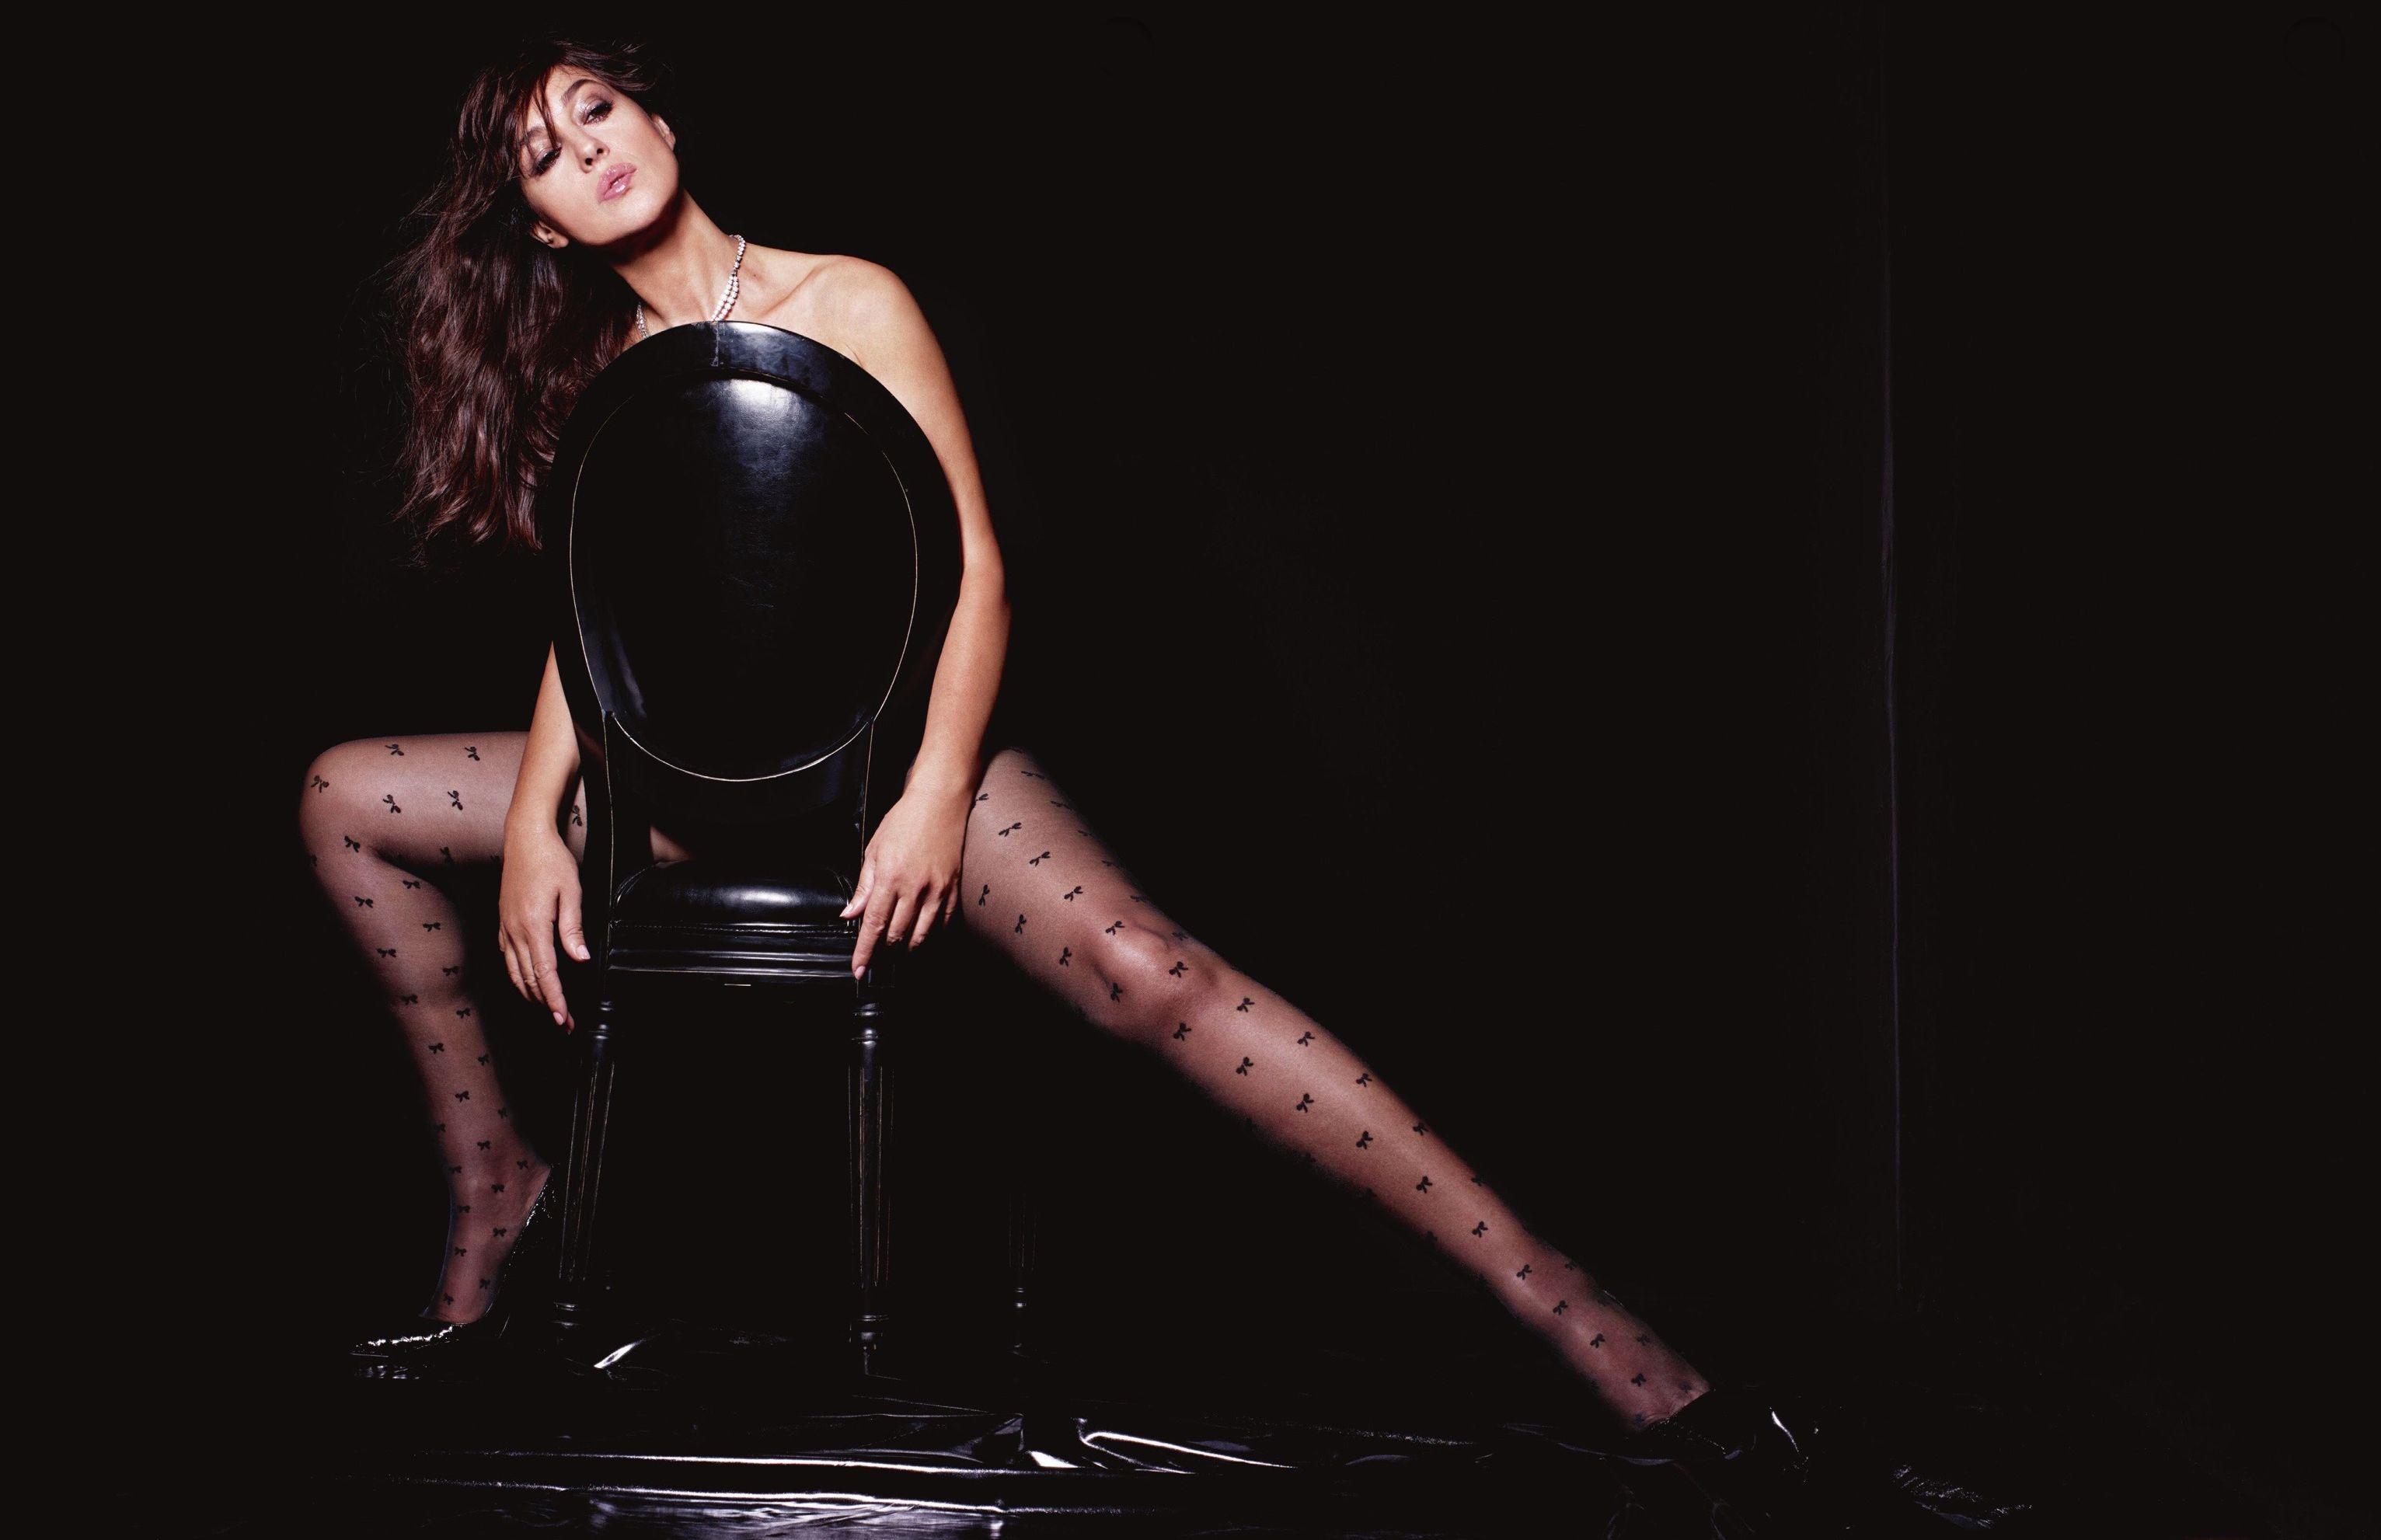 Monica-Bellucci-Sexy-4